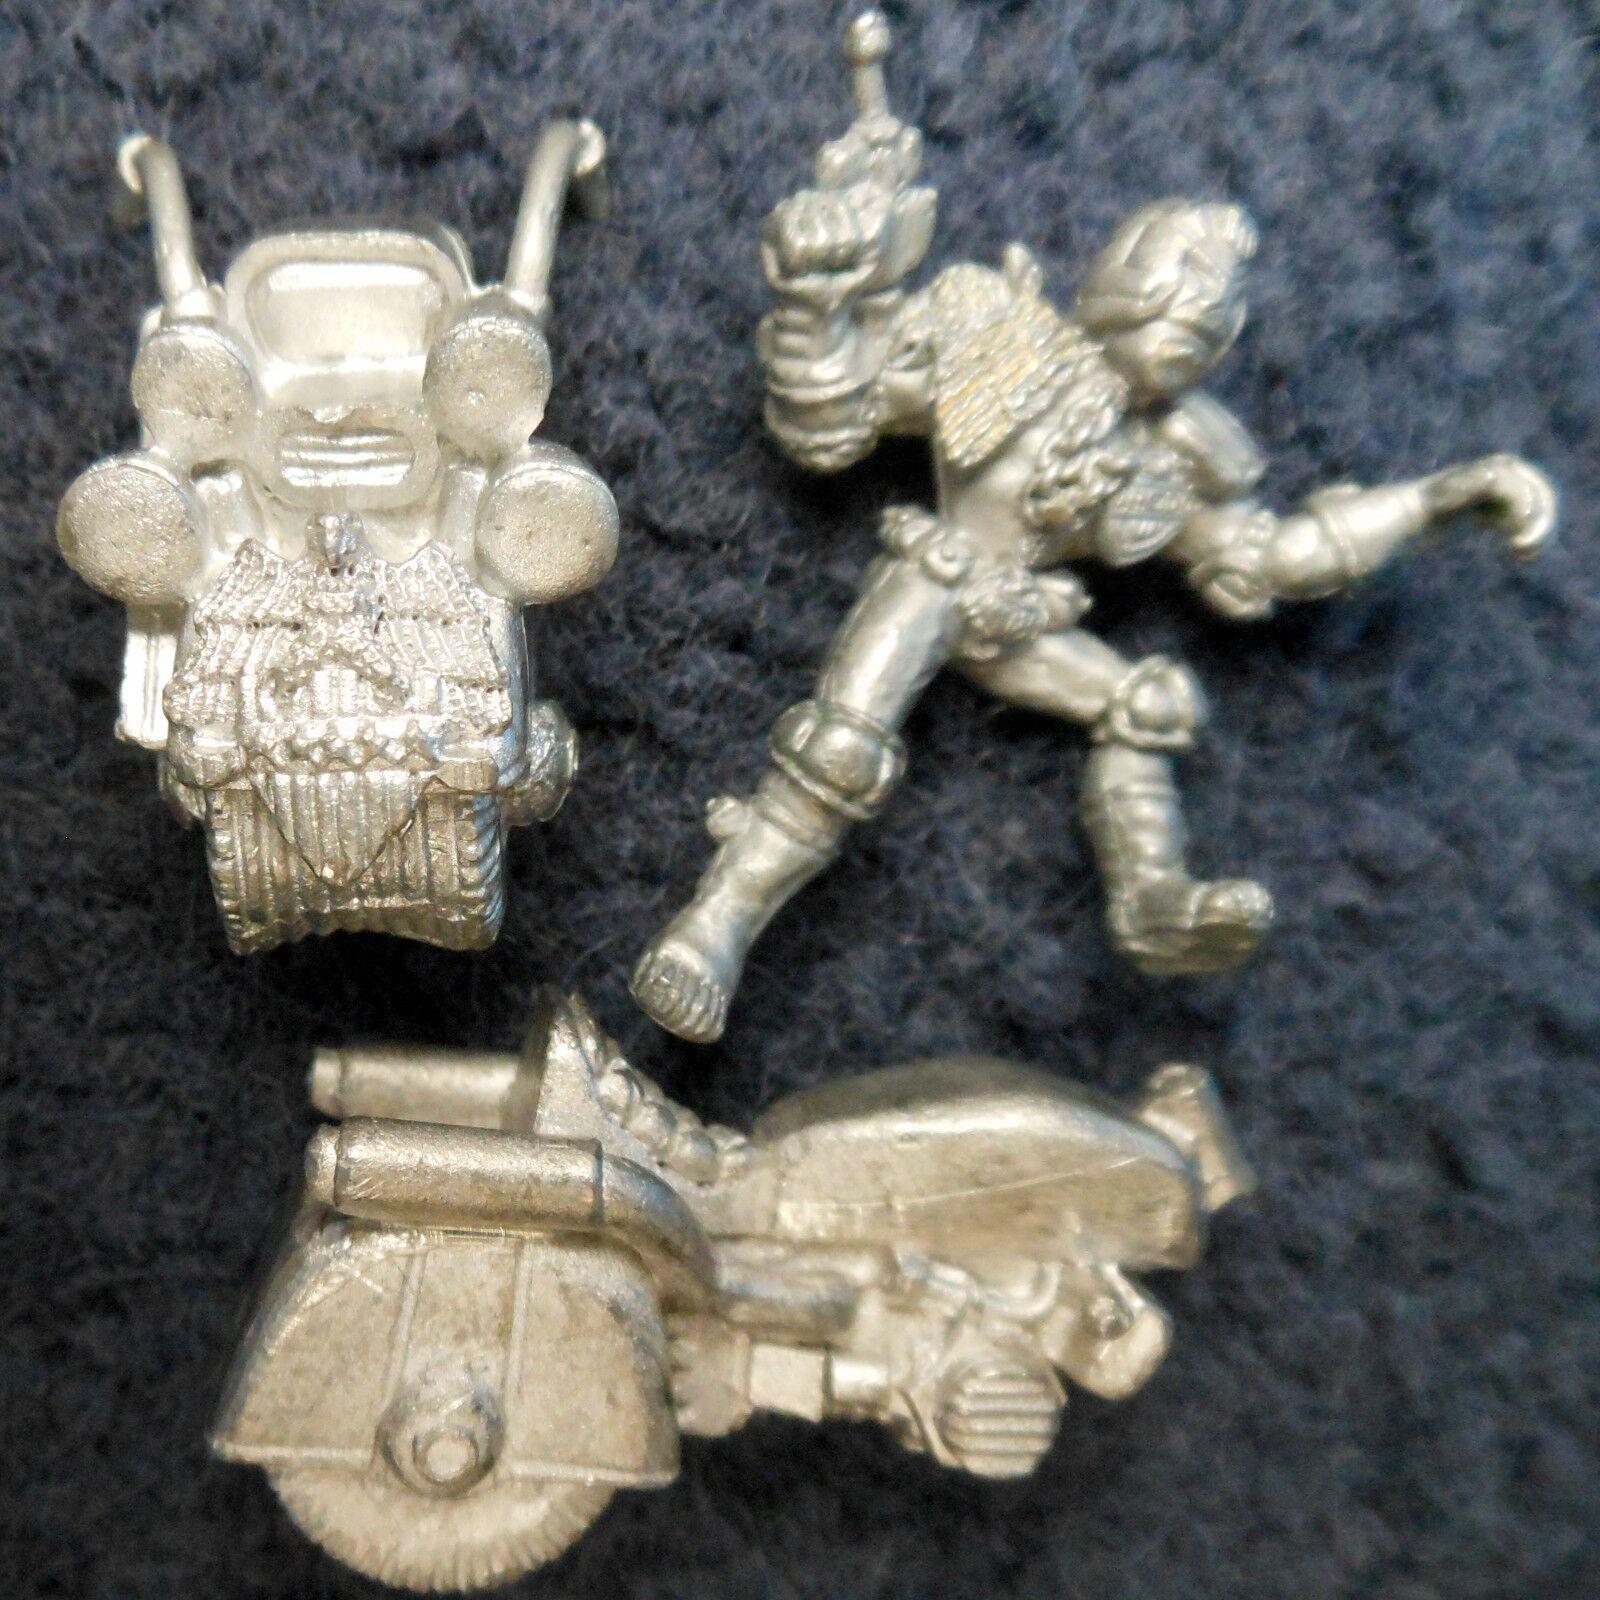 1985 Judge Dredd on Lawmaster JD1 V2 (21) Bike Games Workshop Citadel 2000 AD GW